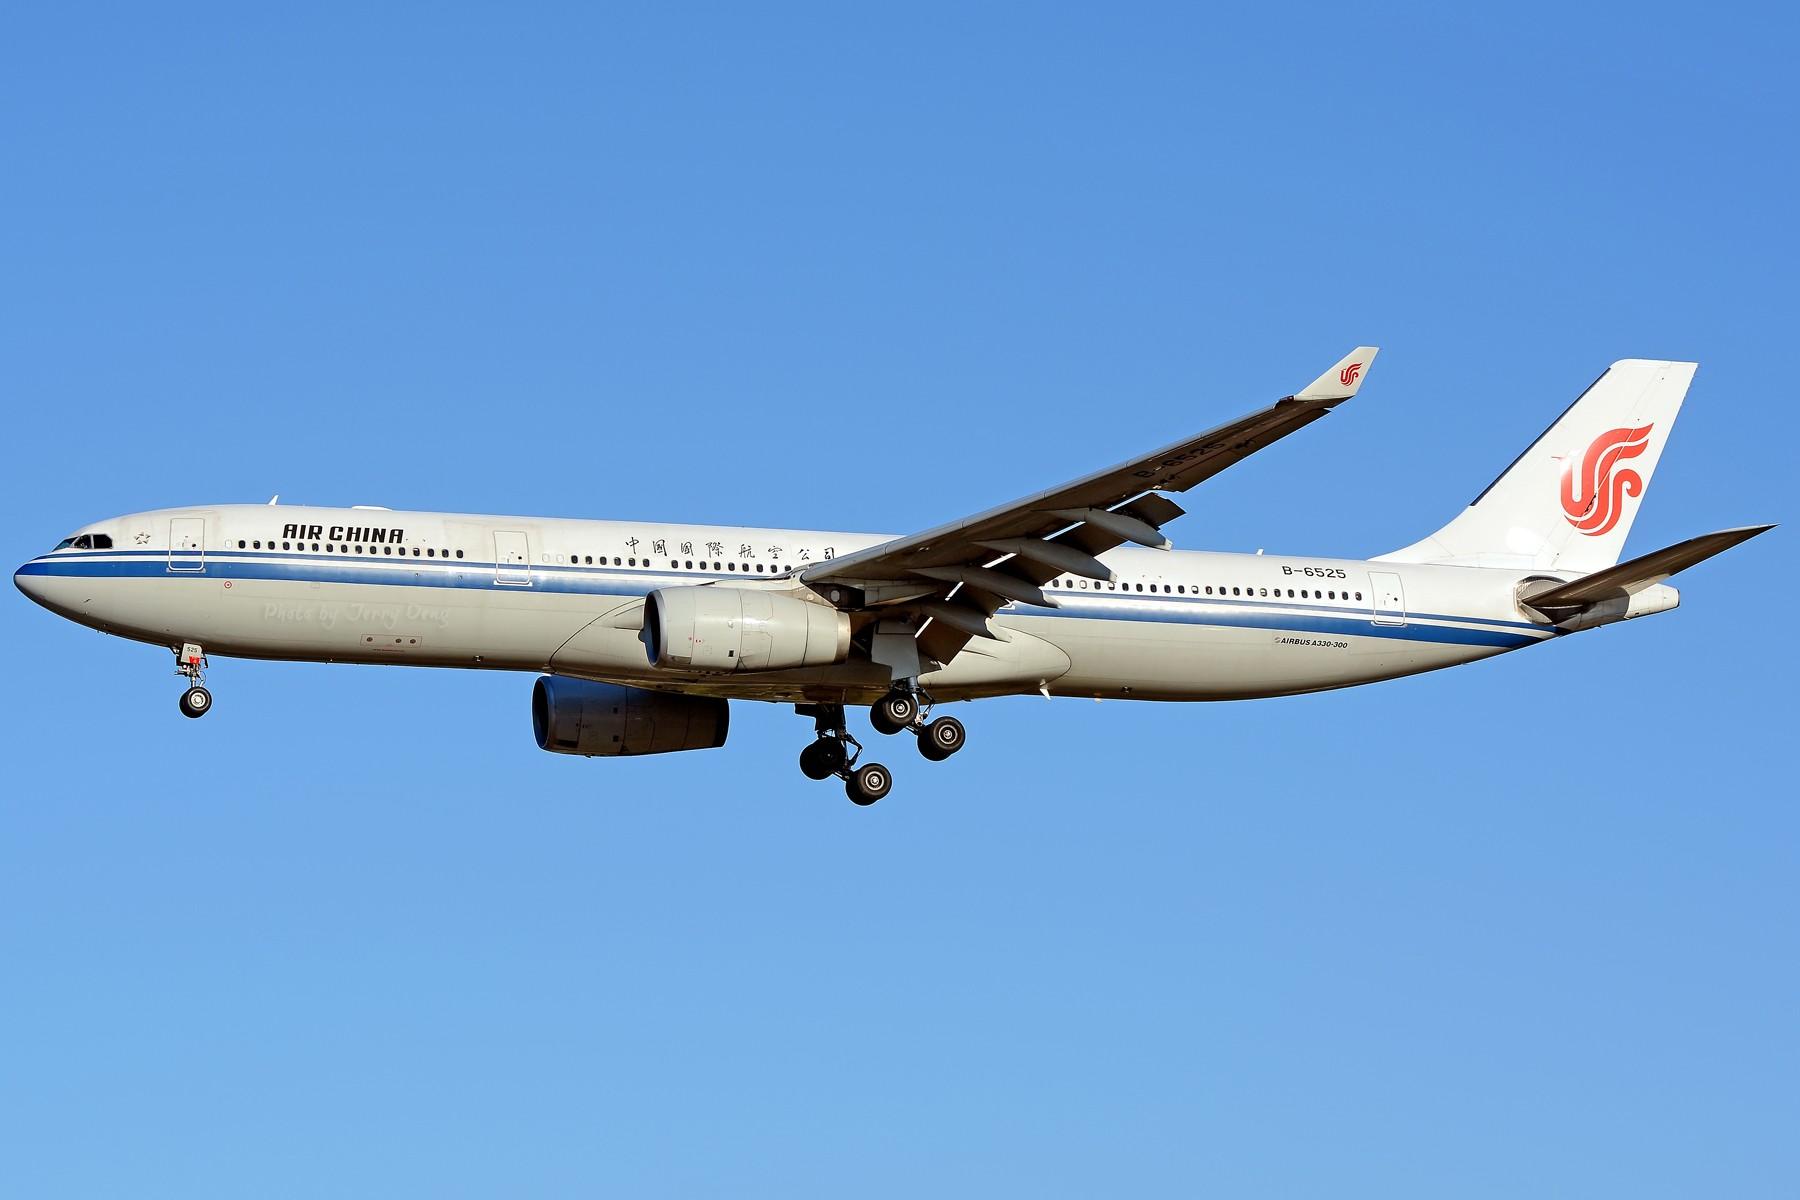 Re:[原创]【多图党】PEK落地一组国航系【2】 AIRBUS A330-300 B-6525 中国北京首都国际机场